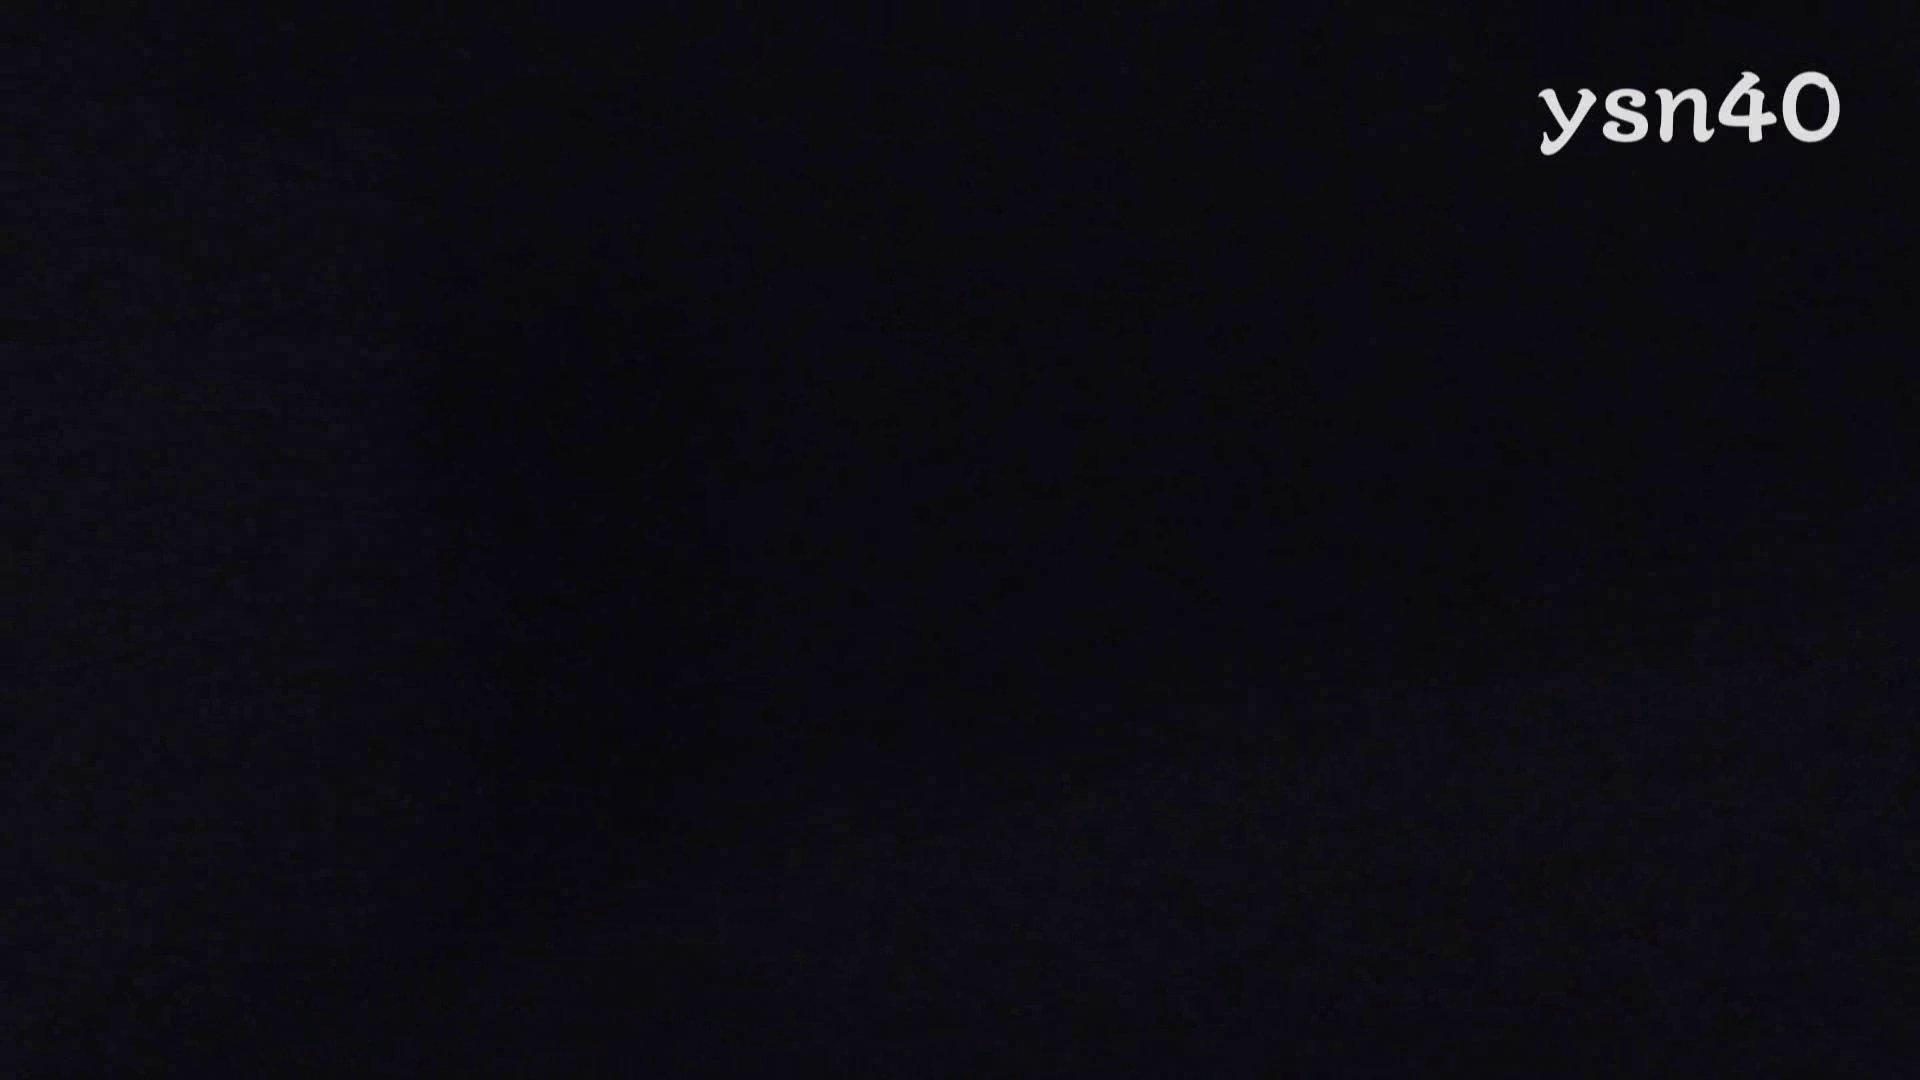 世界の射窓から vol.40 あの体勢エロ過ぎます 高画質 われめAV動画紹介 58画像 11